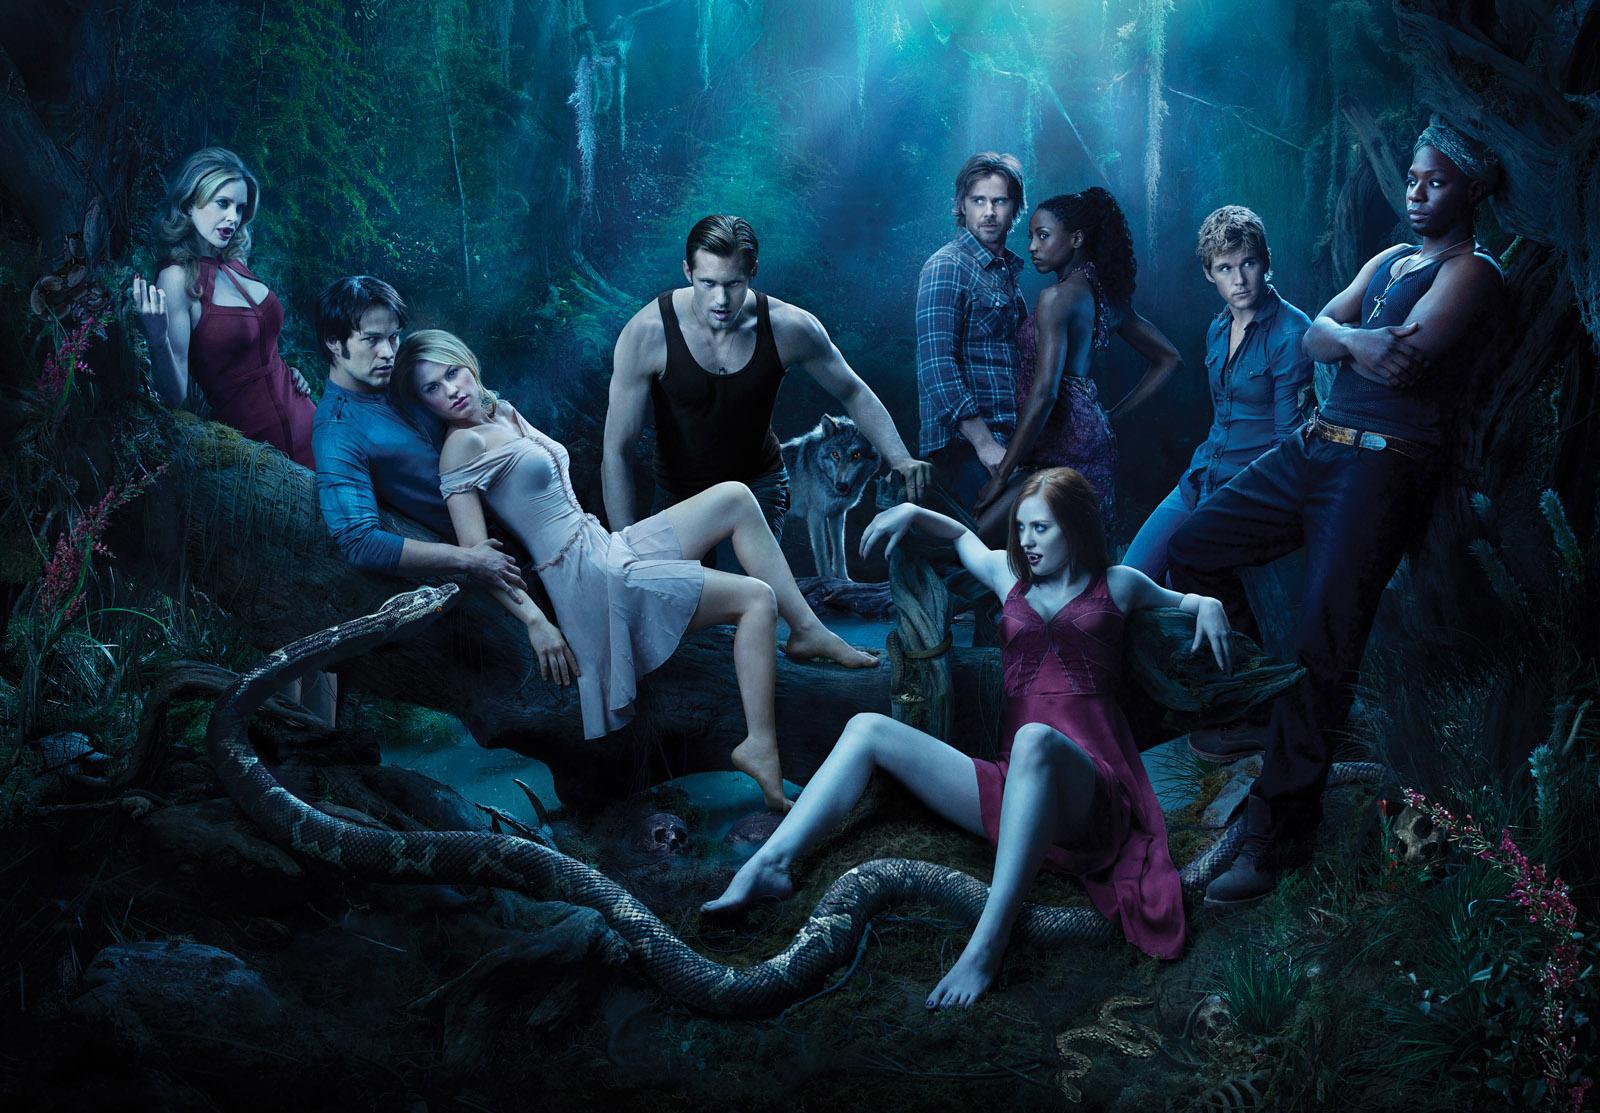 Livros e seriados sobre vampiros